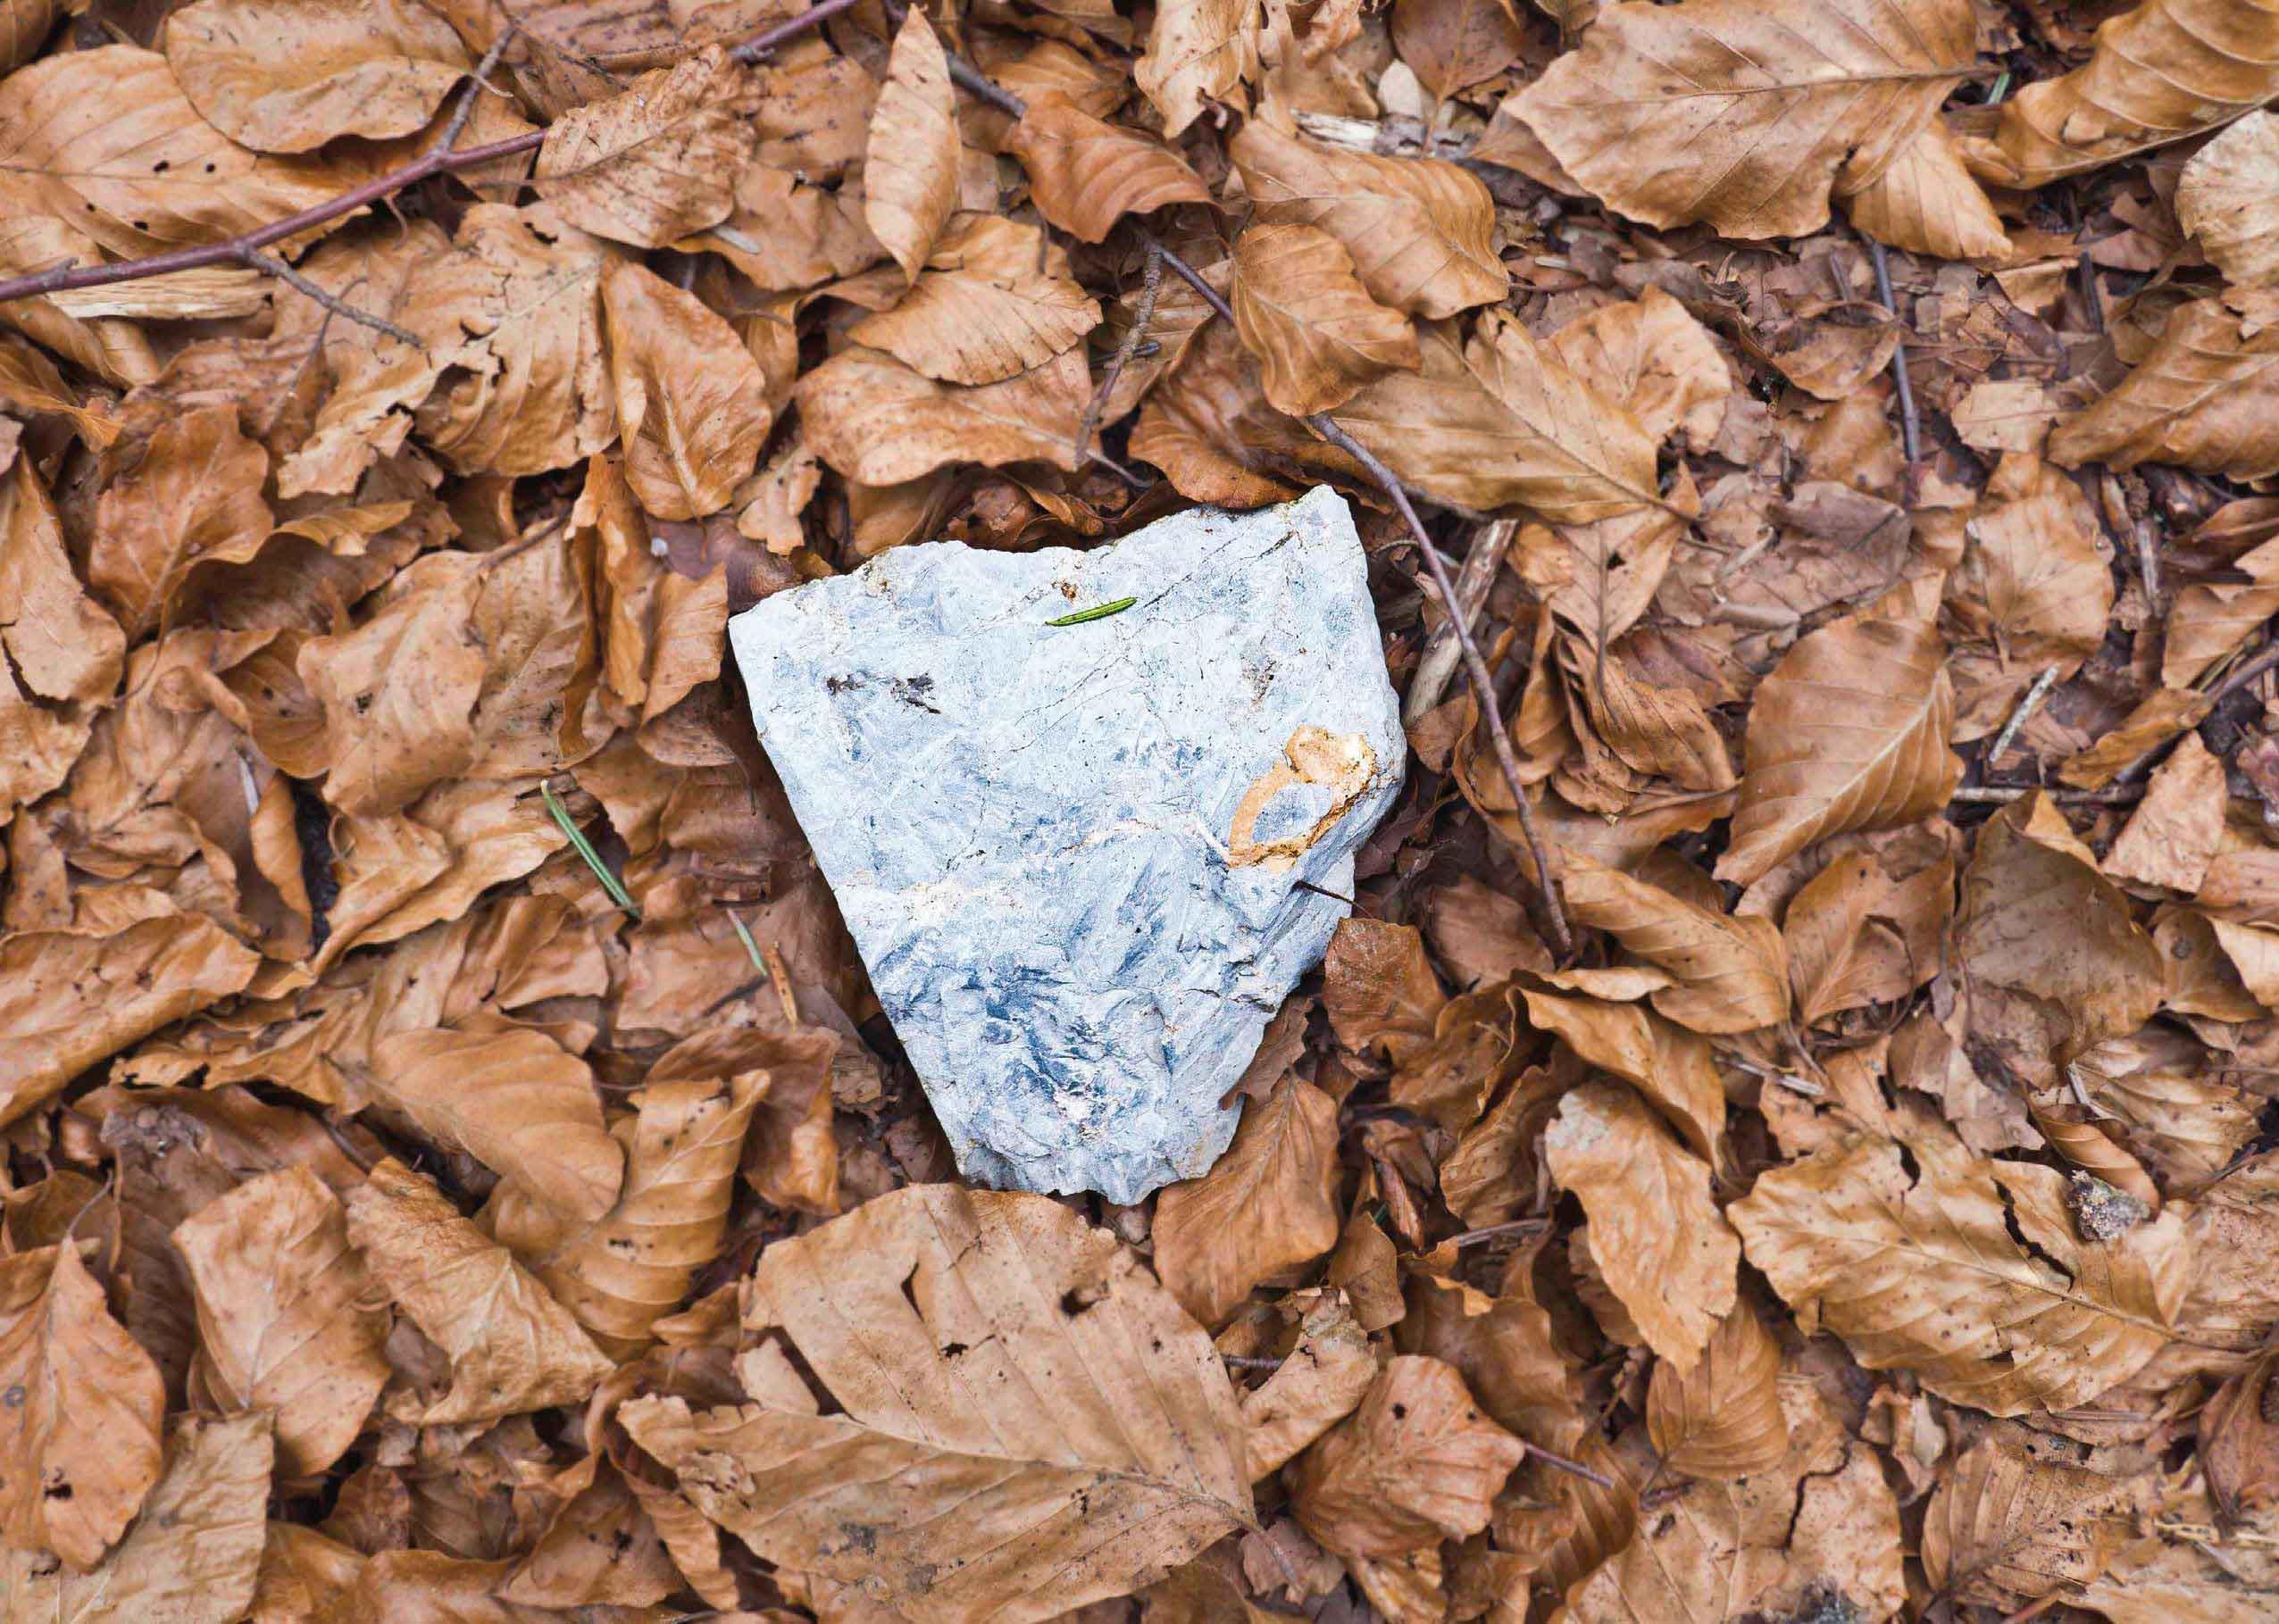 Stone in situ